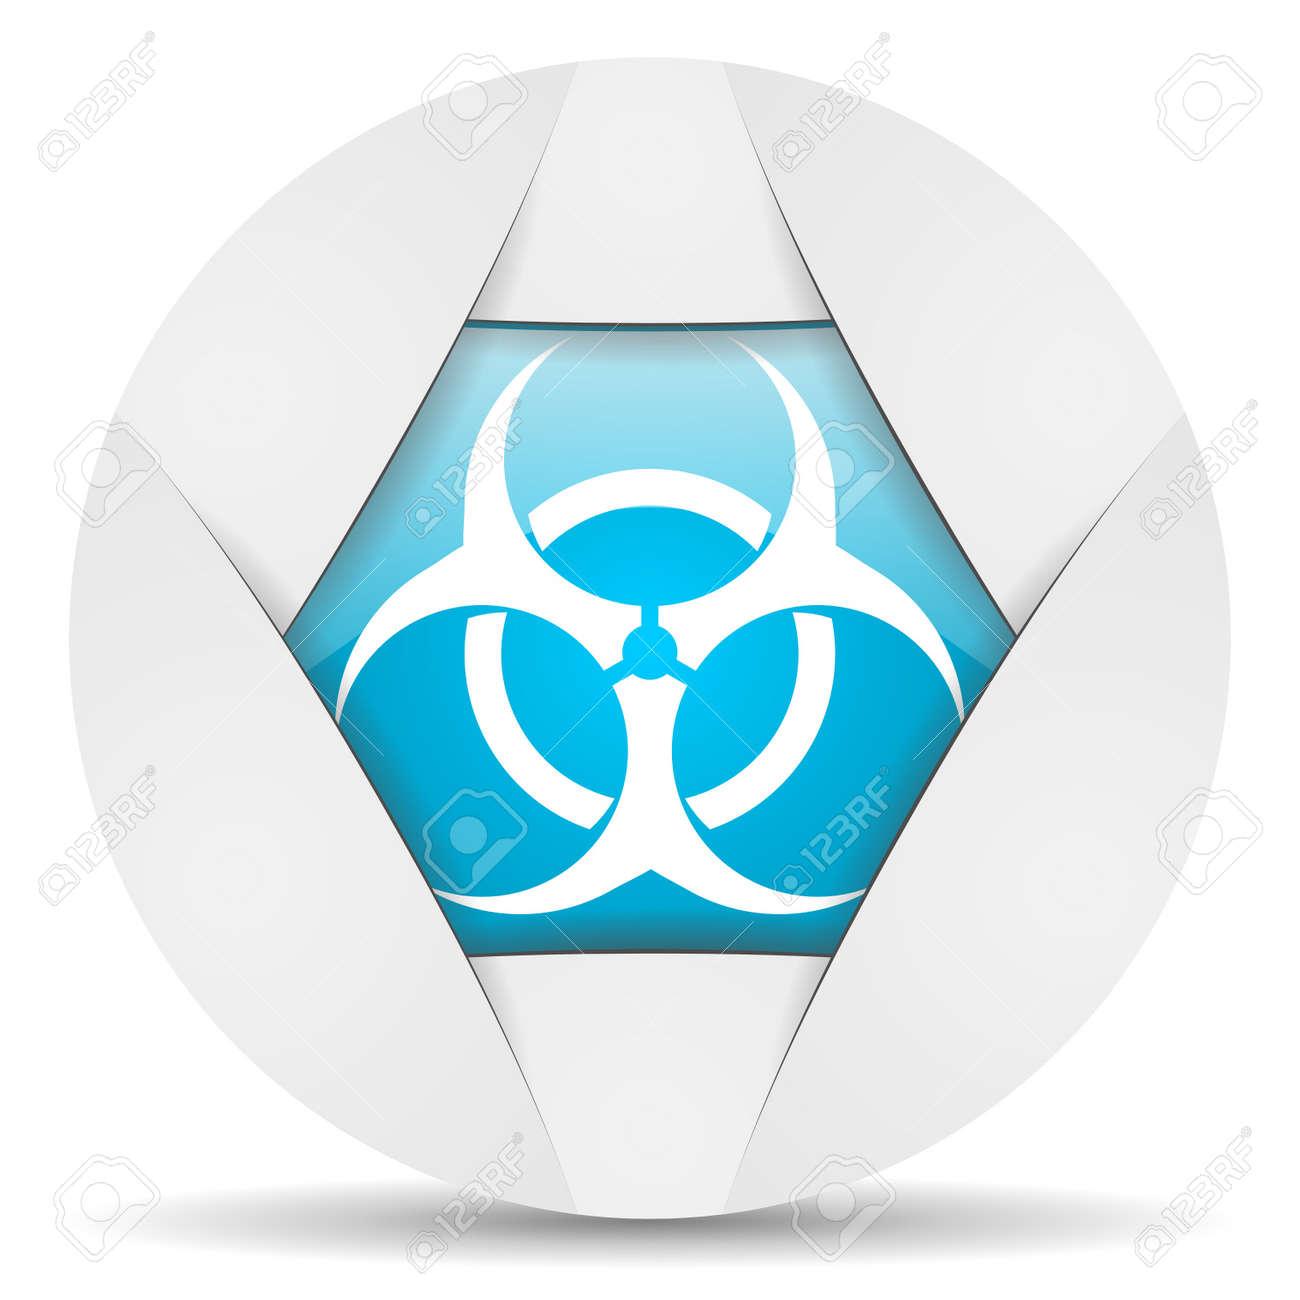 virus round blue web icon on white background Stock Photo - 16340697